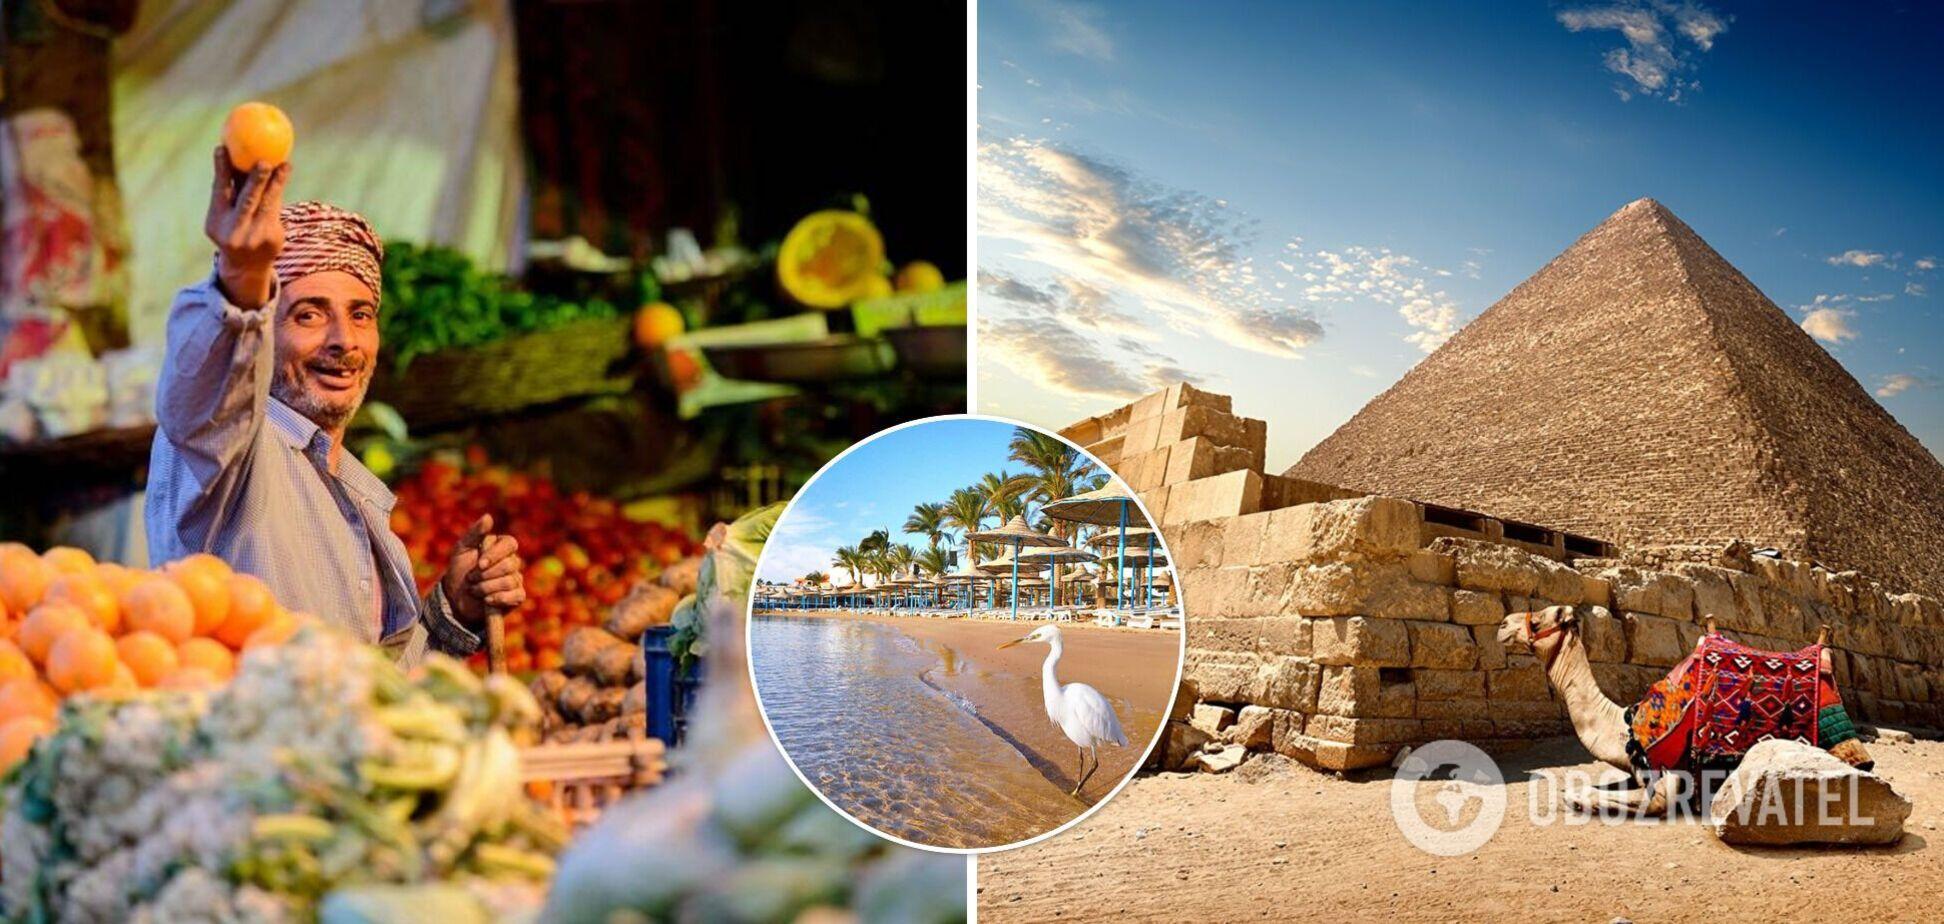 Власти Египта решили снять ограничения на работу ресторанов и магазинов